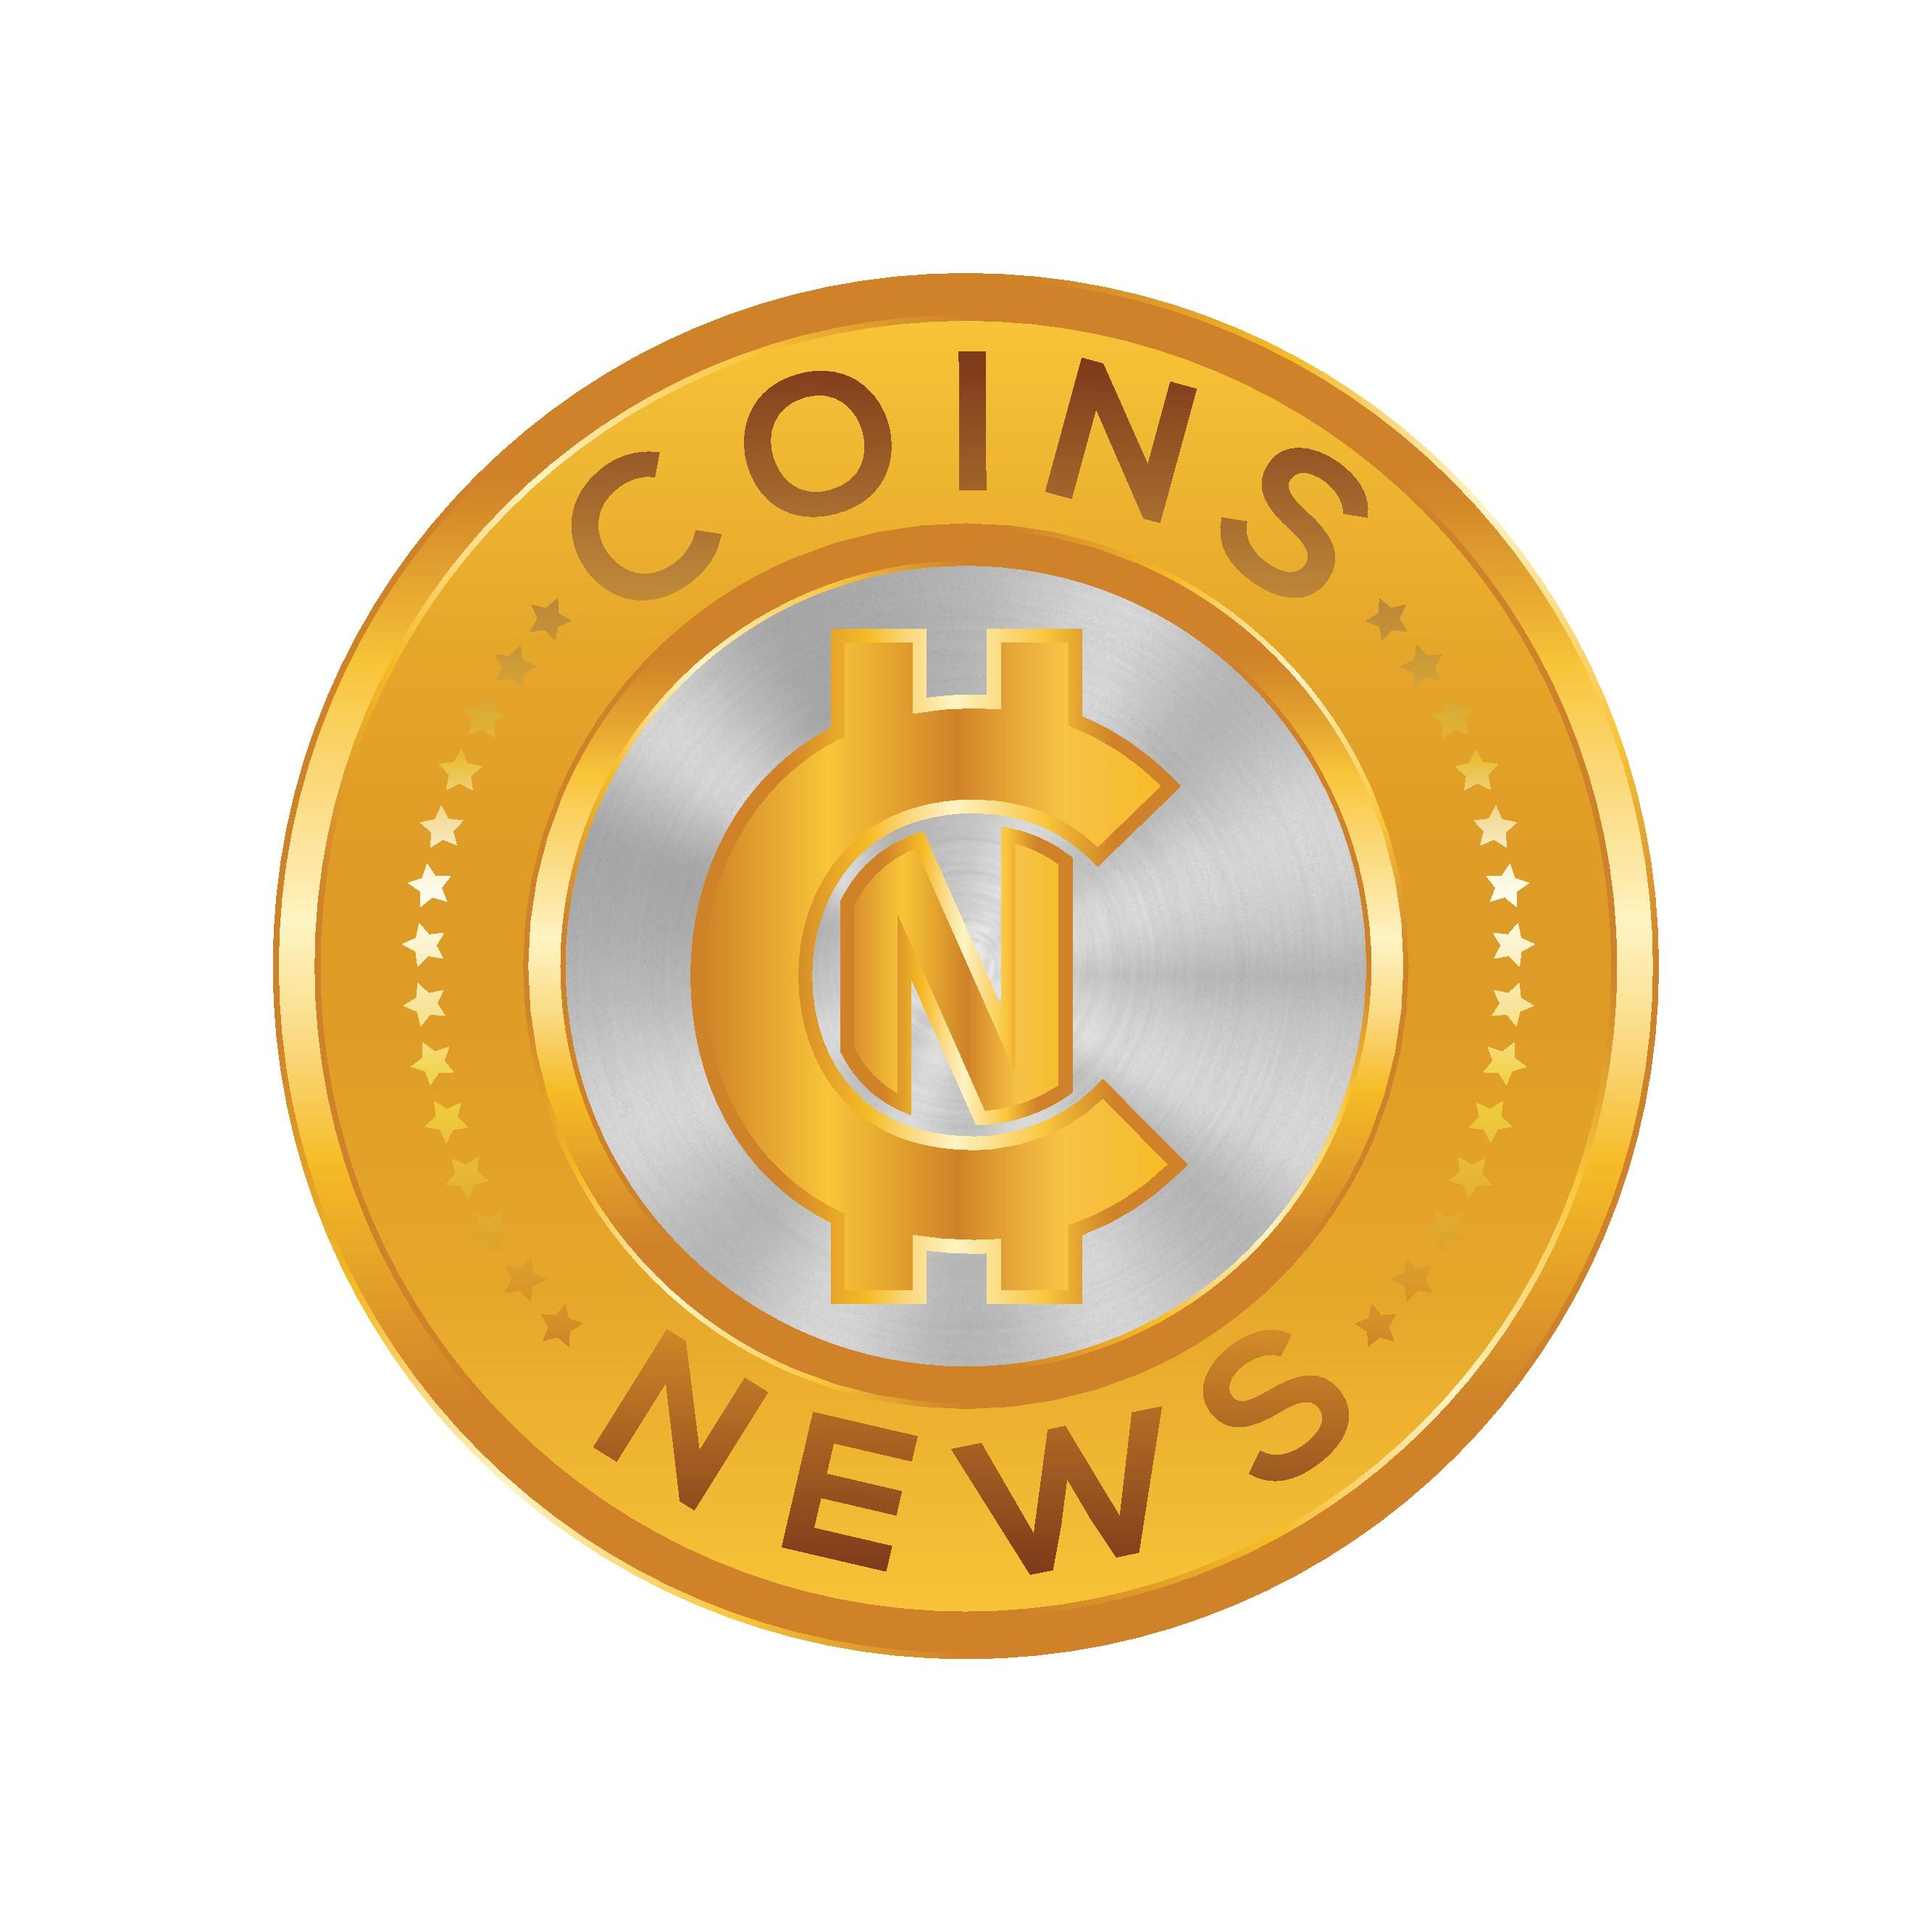 Coinsnews